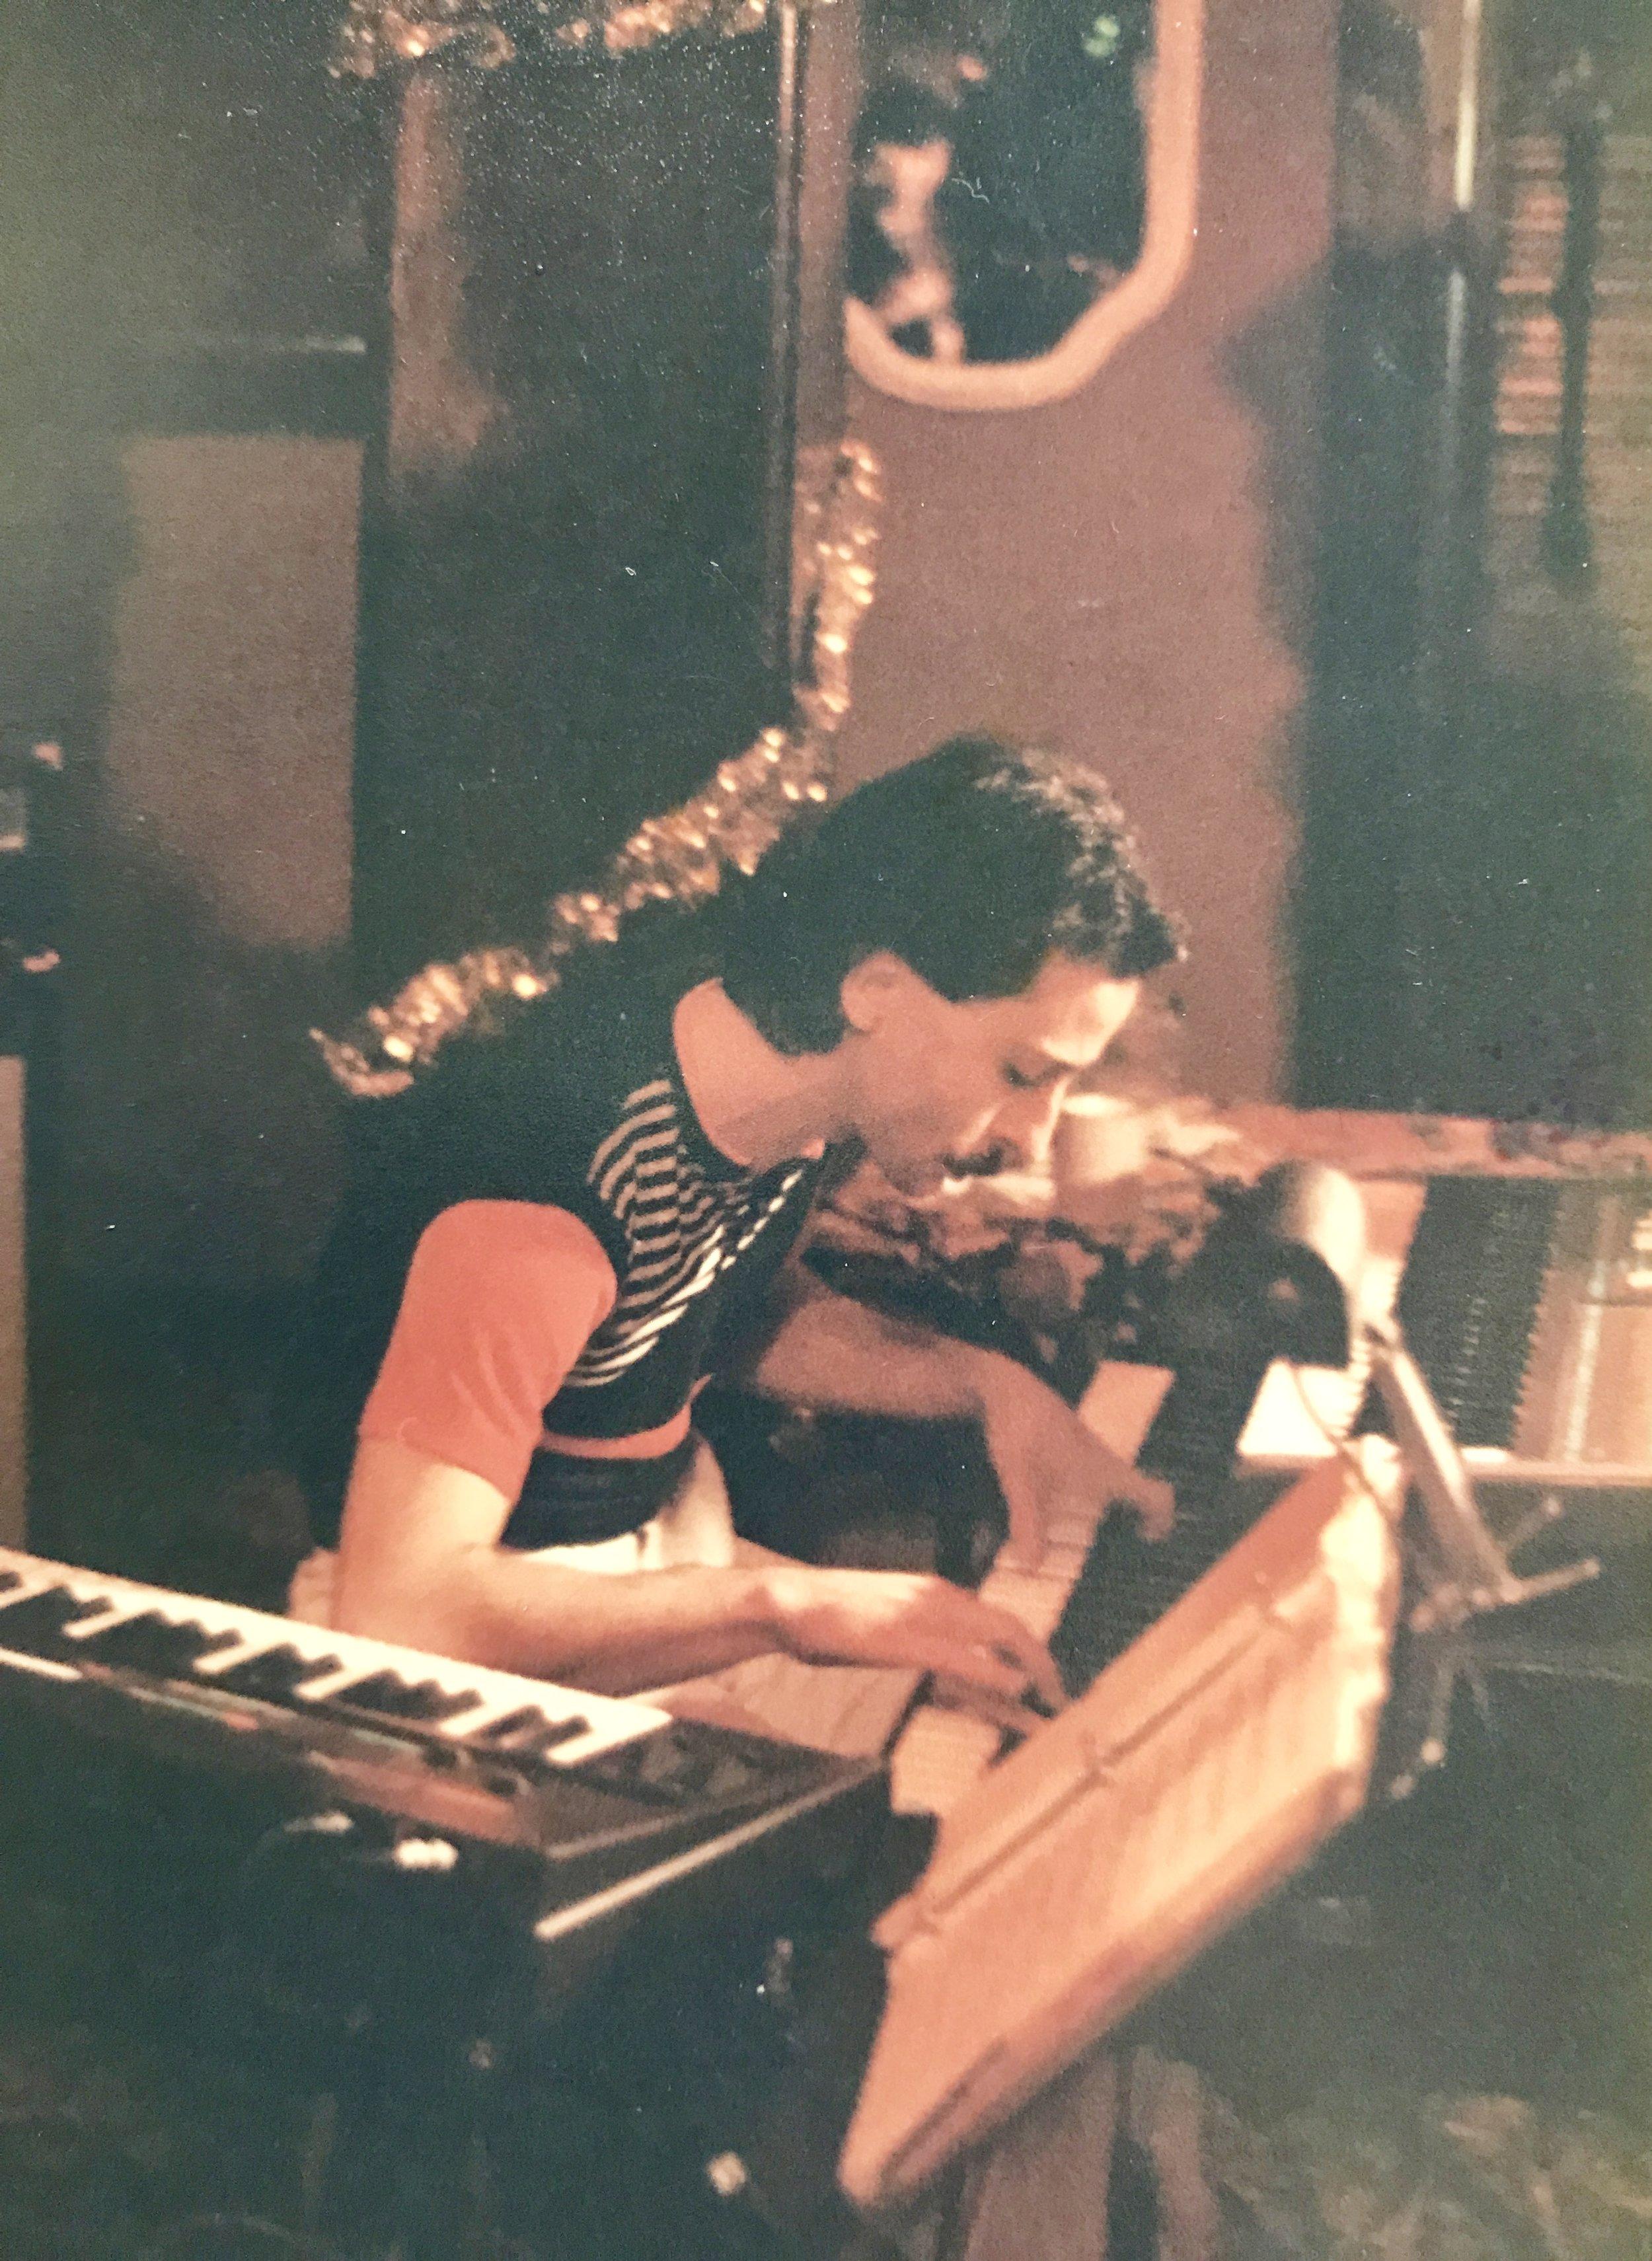 Jim Sturges (1985)